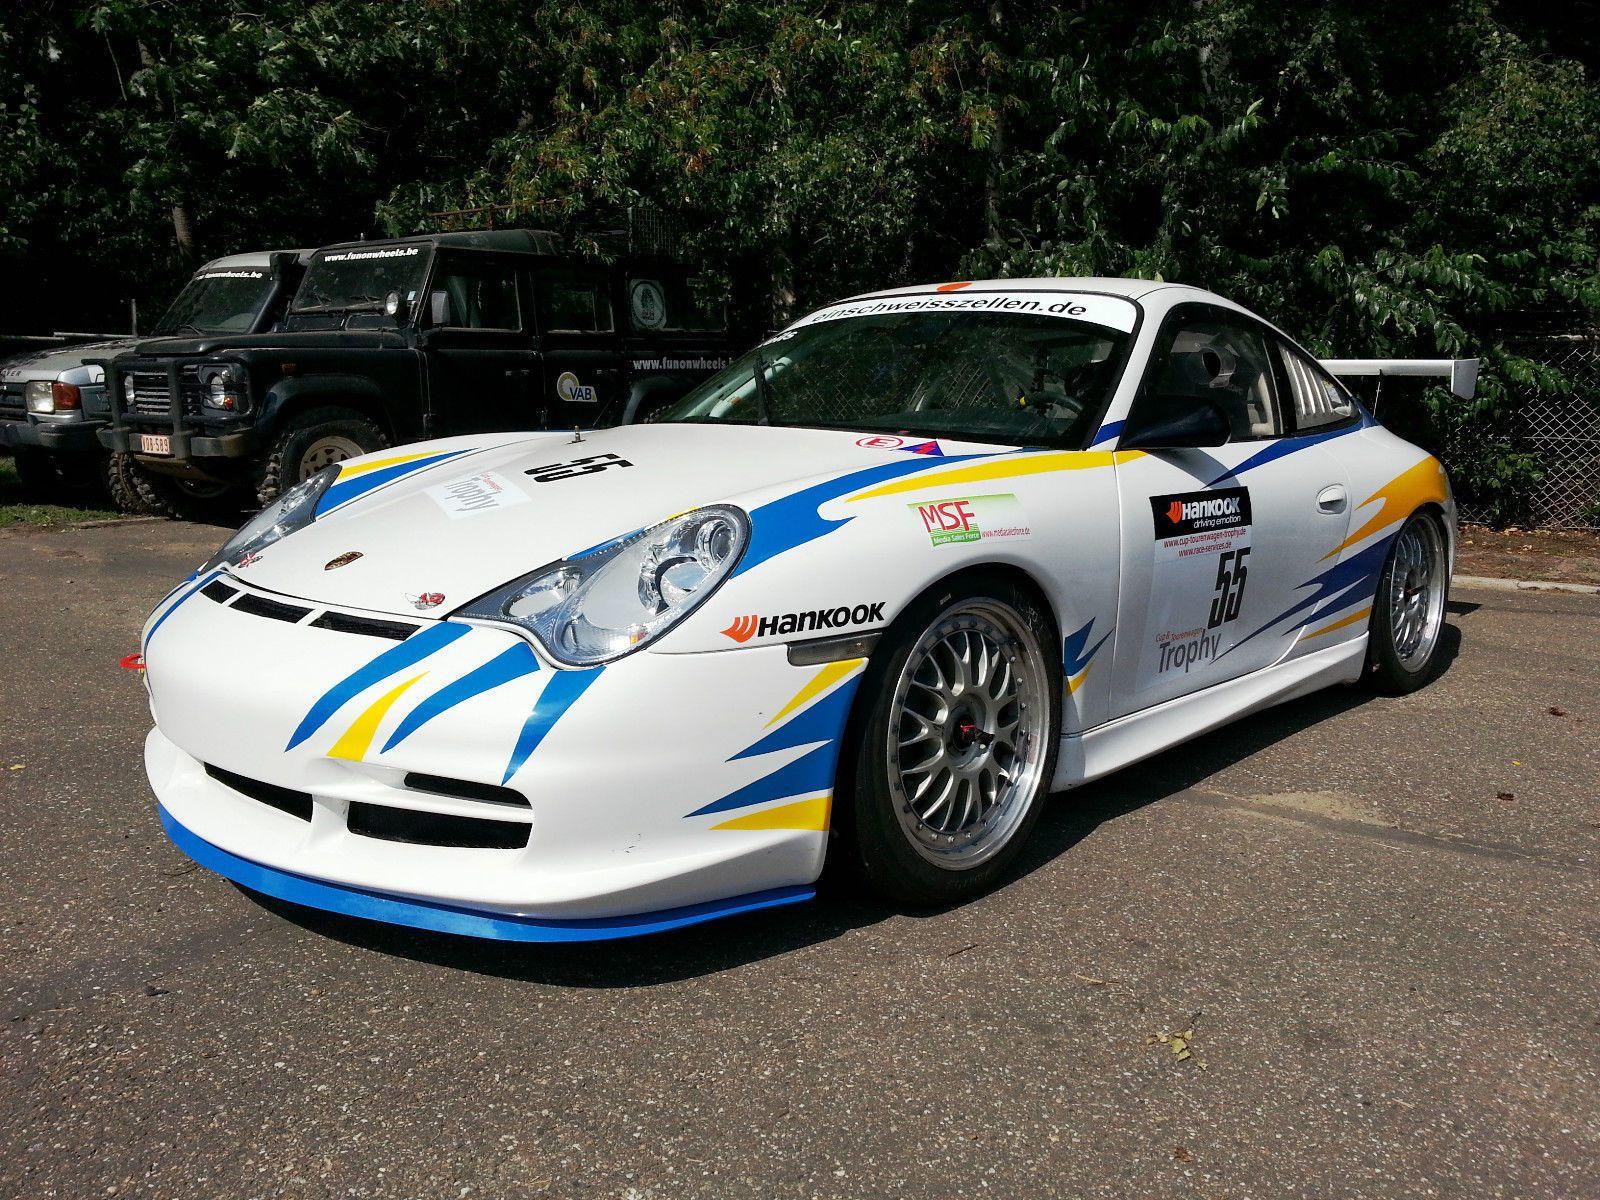 2004 Porsche 996 Cup For Sale: 2003 Porsche 996 GT3 Cup For Sale